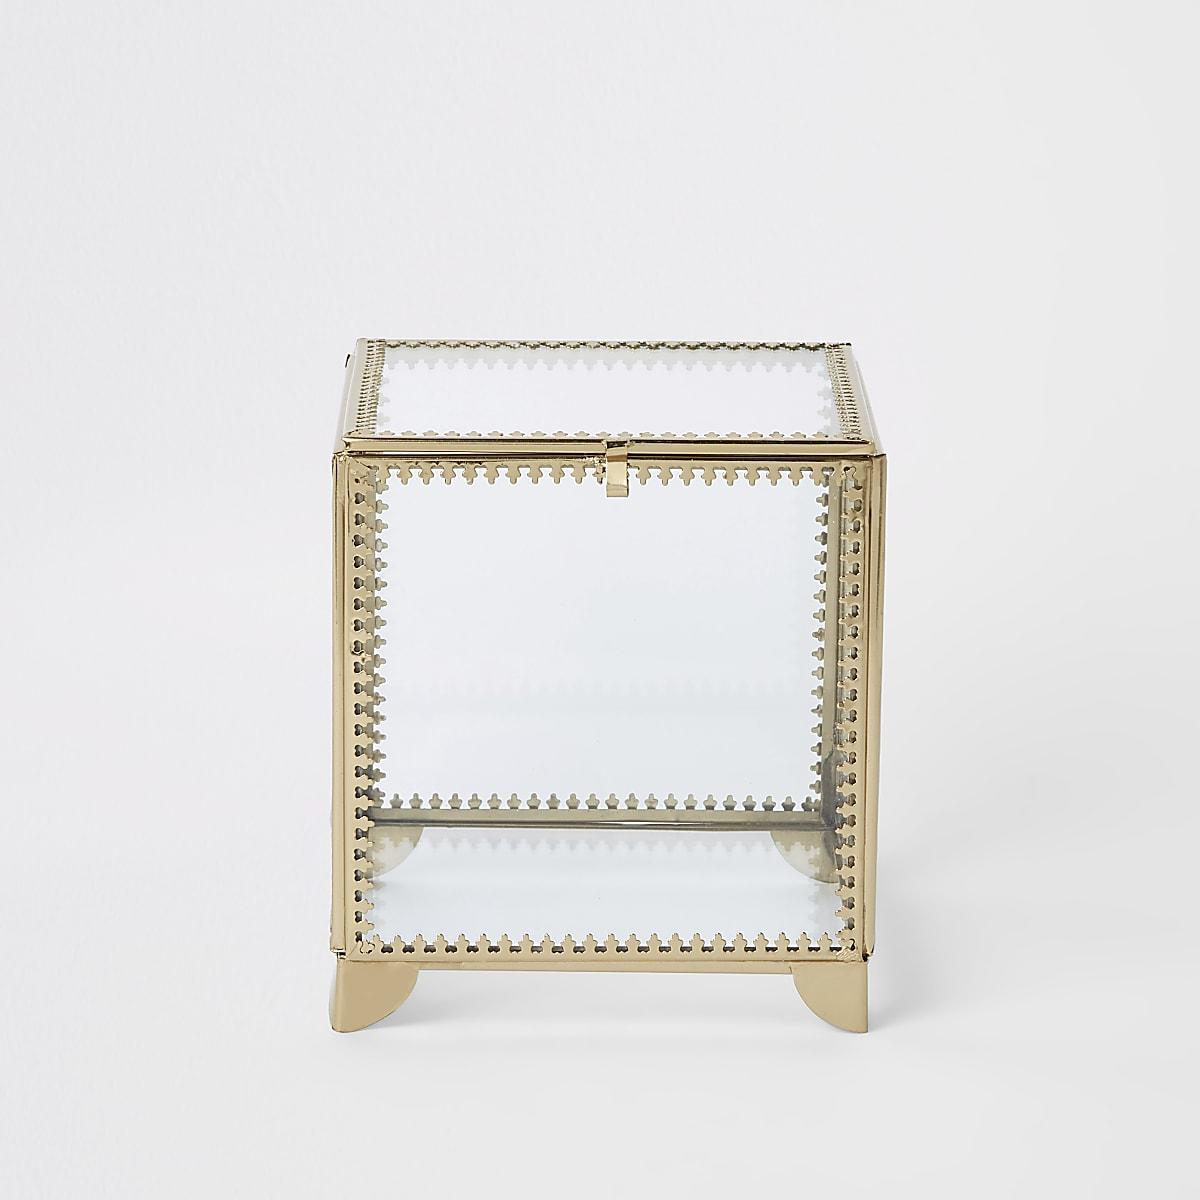 Petite boîte en verre avec bordure en métal